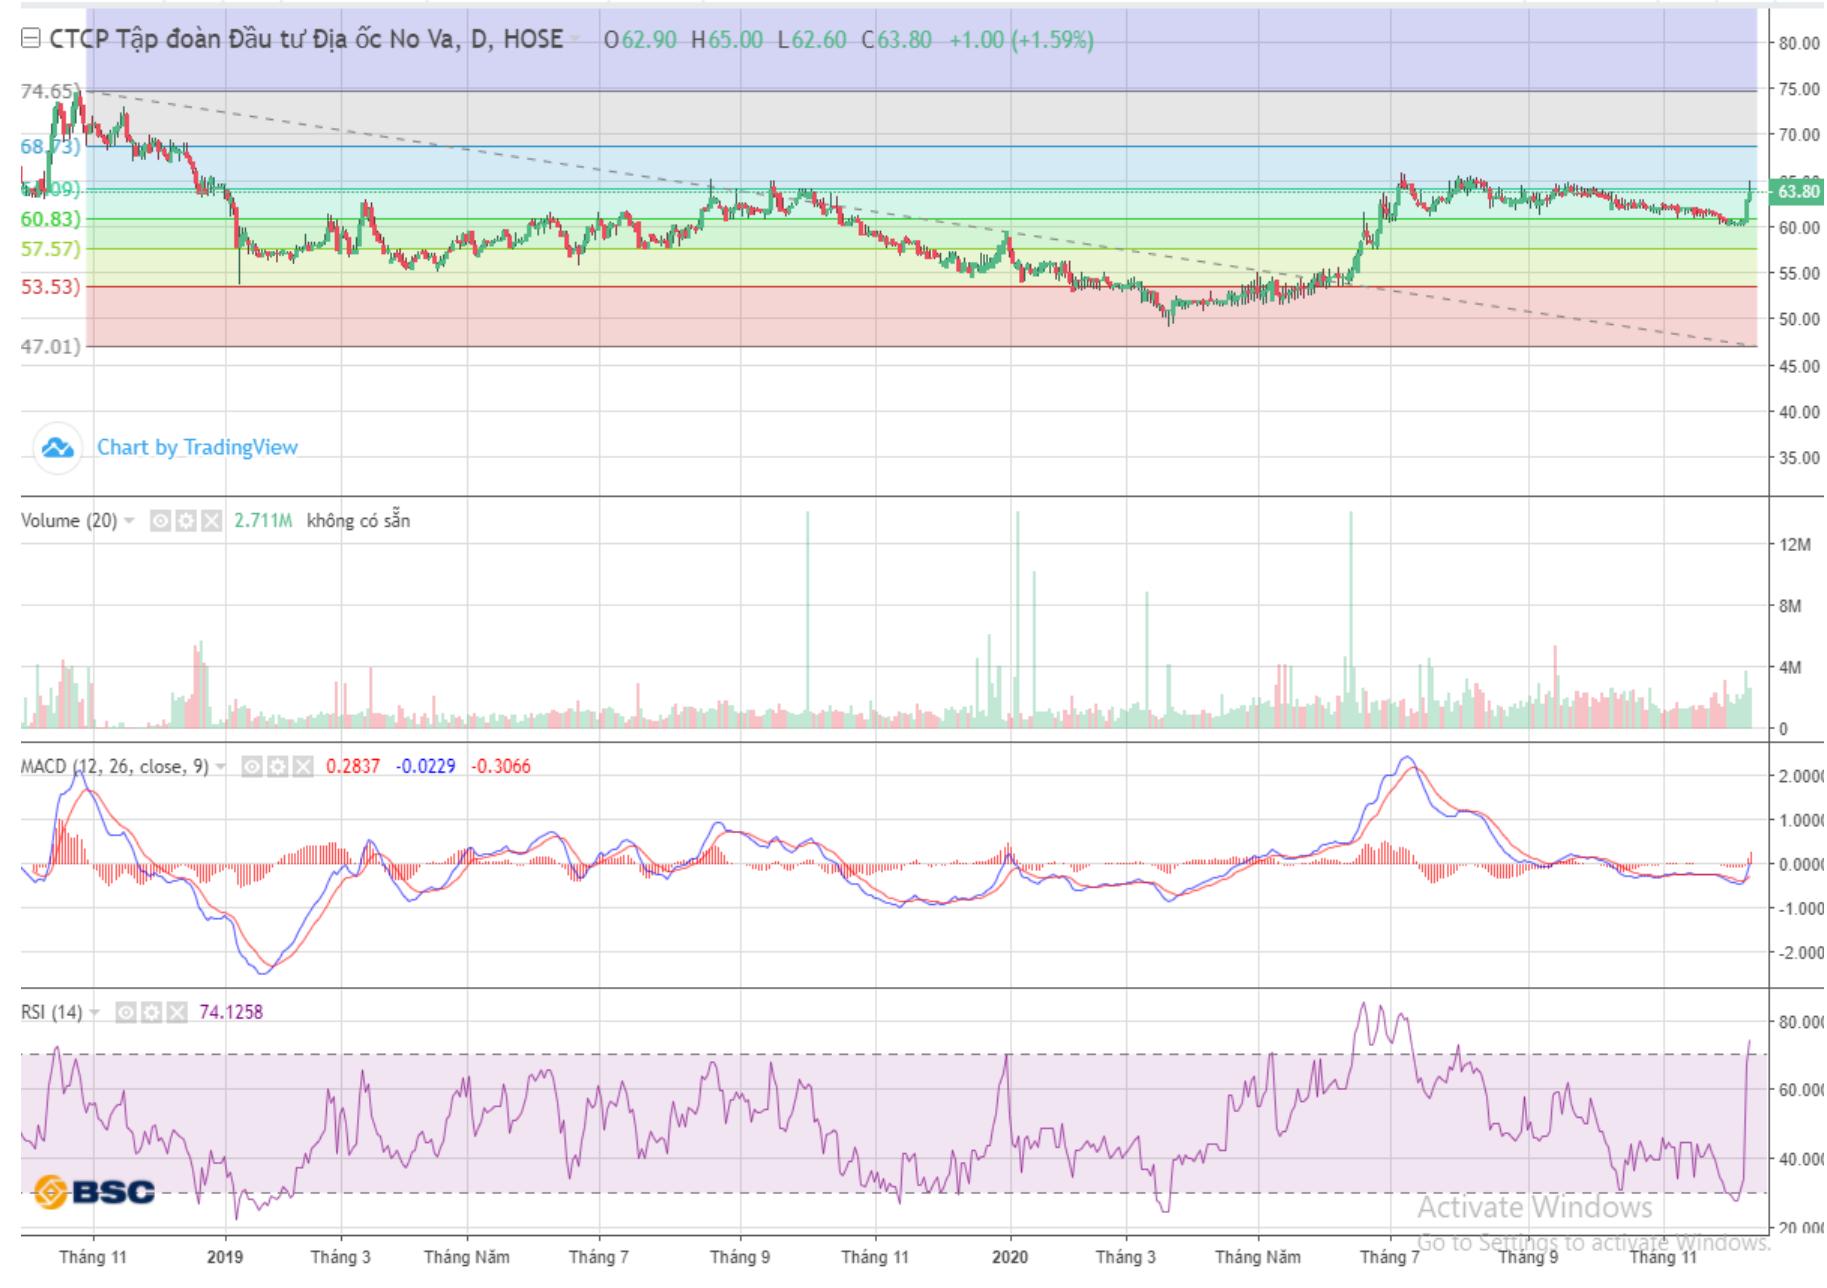 Cổ phiếu tâm điểm ngày 11/12: VCB, NVL, VJC - Ảnh 3.